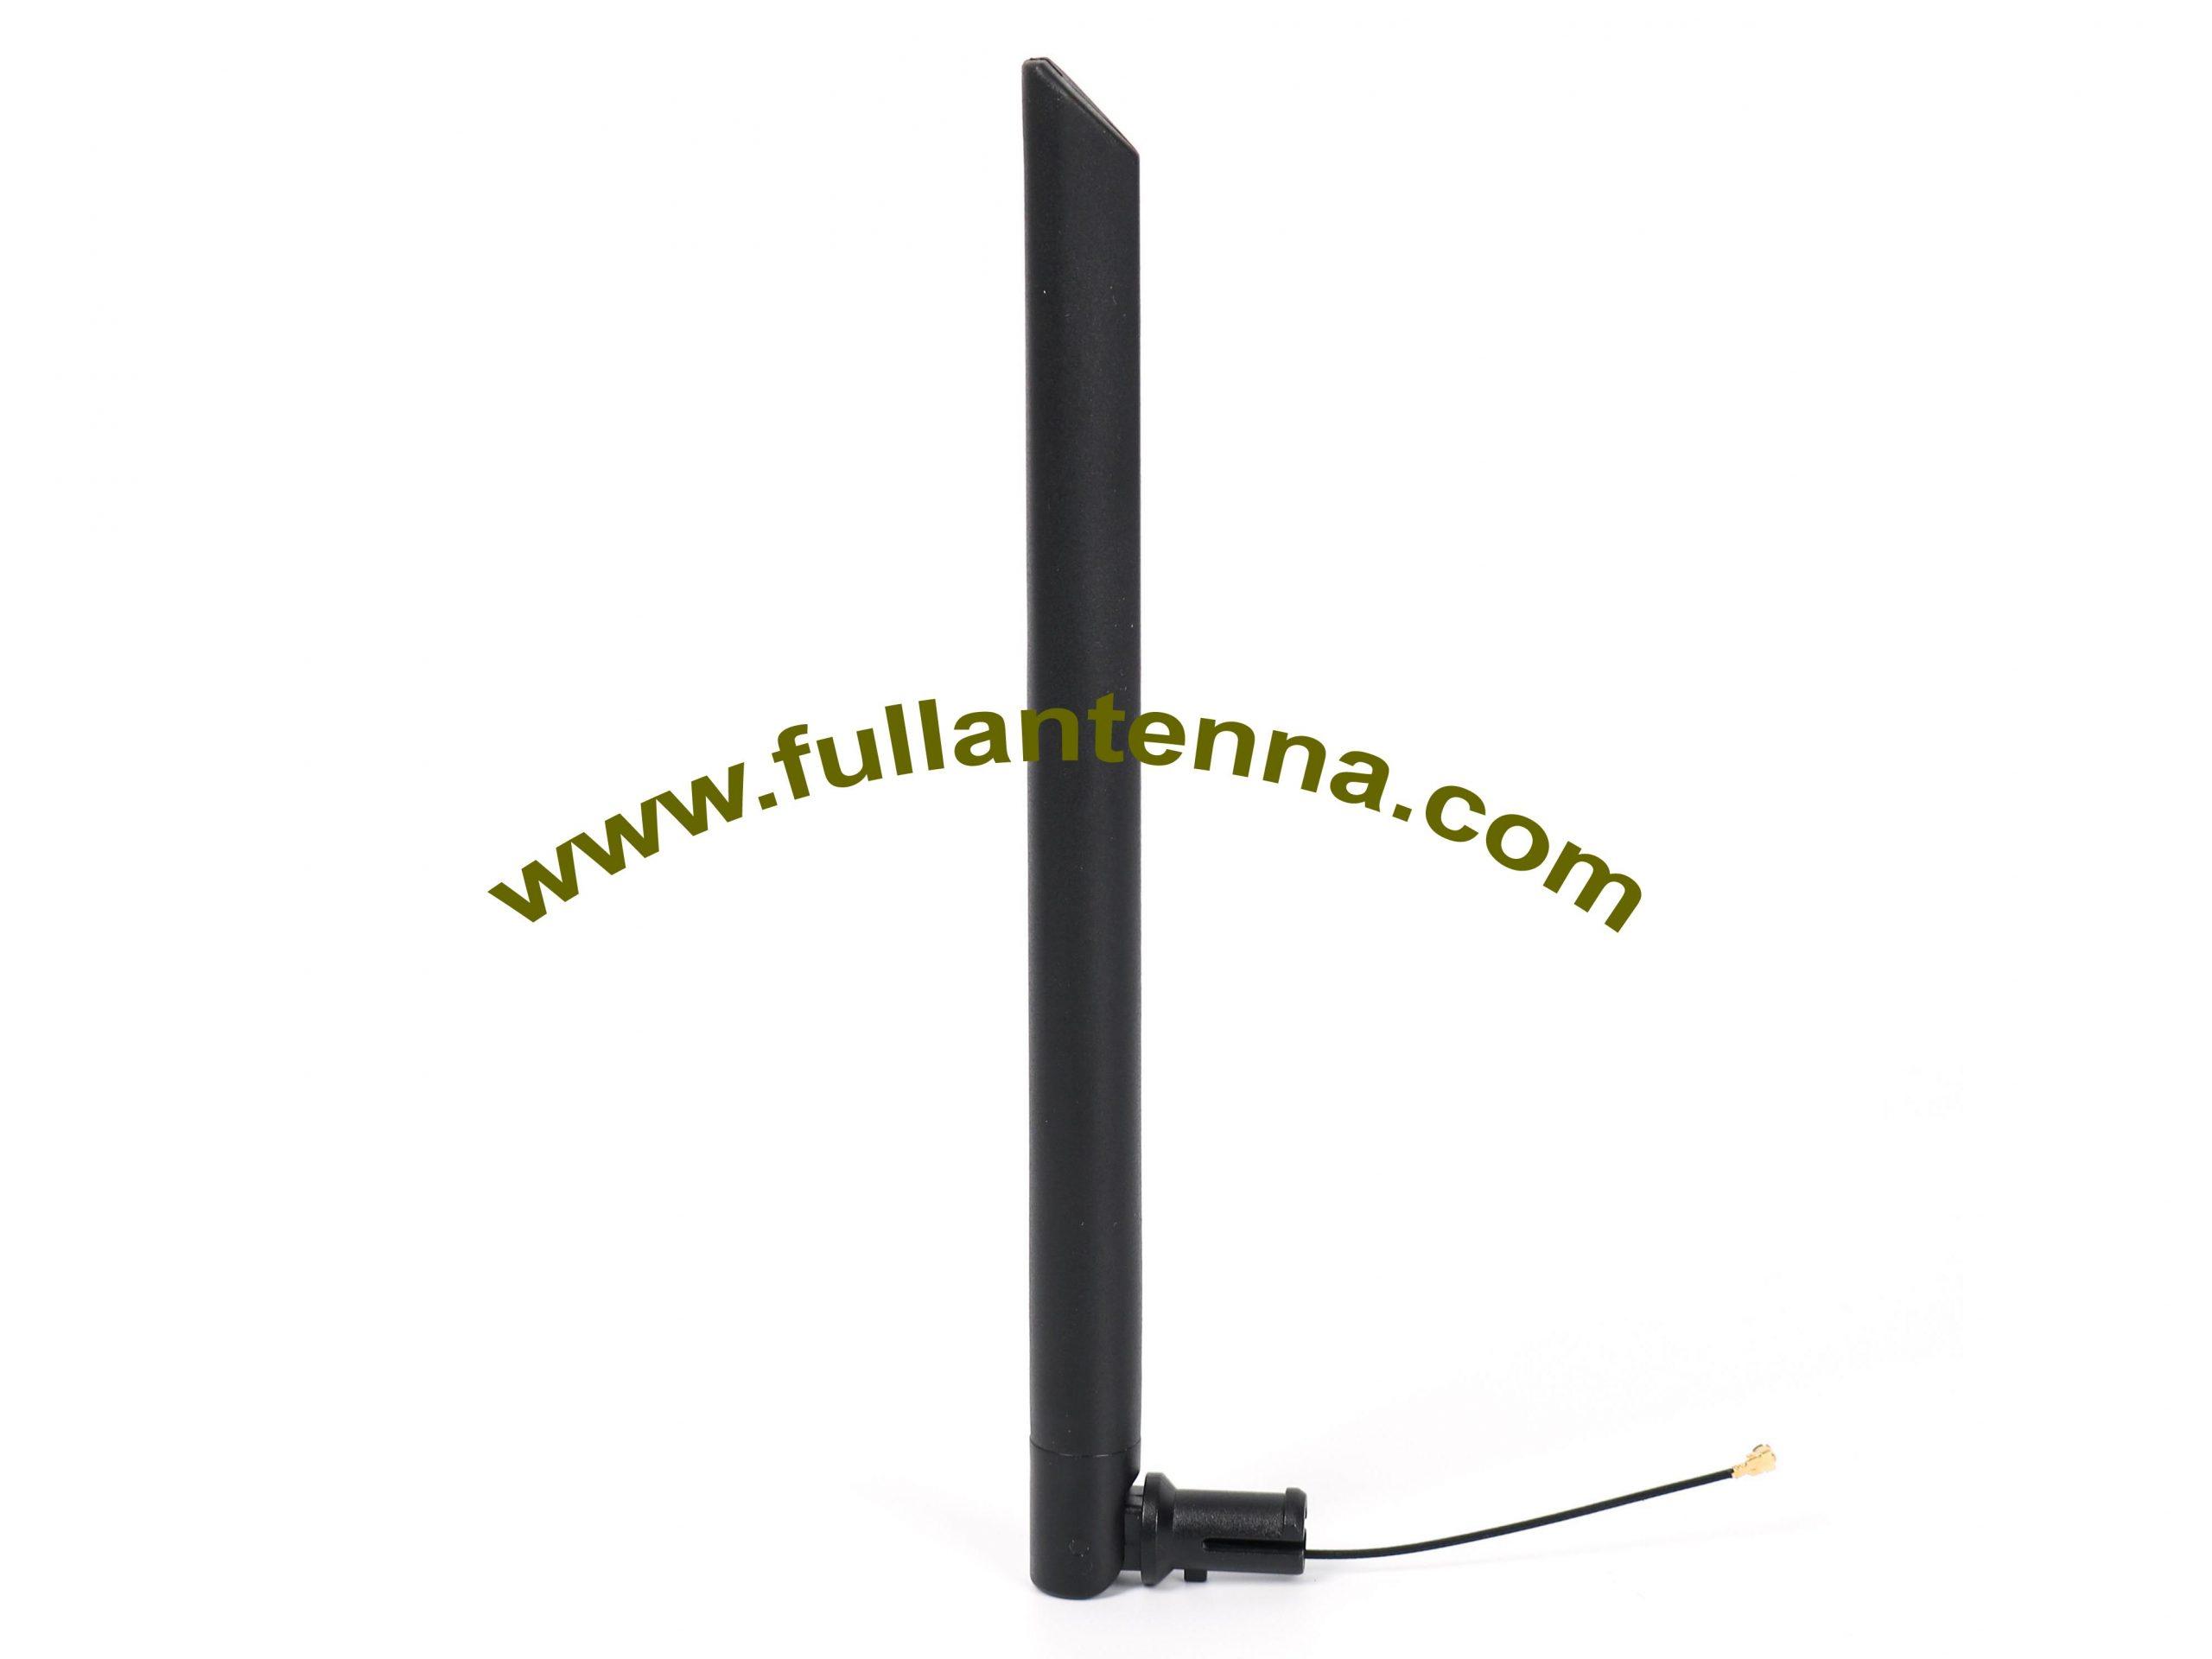 P/N:FA2400.0204,WiFi/2.4G Rubber Antenna,  5-20cm  ipex or u.fl